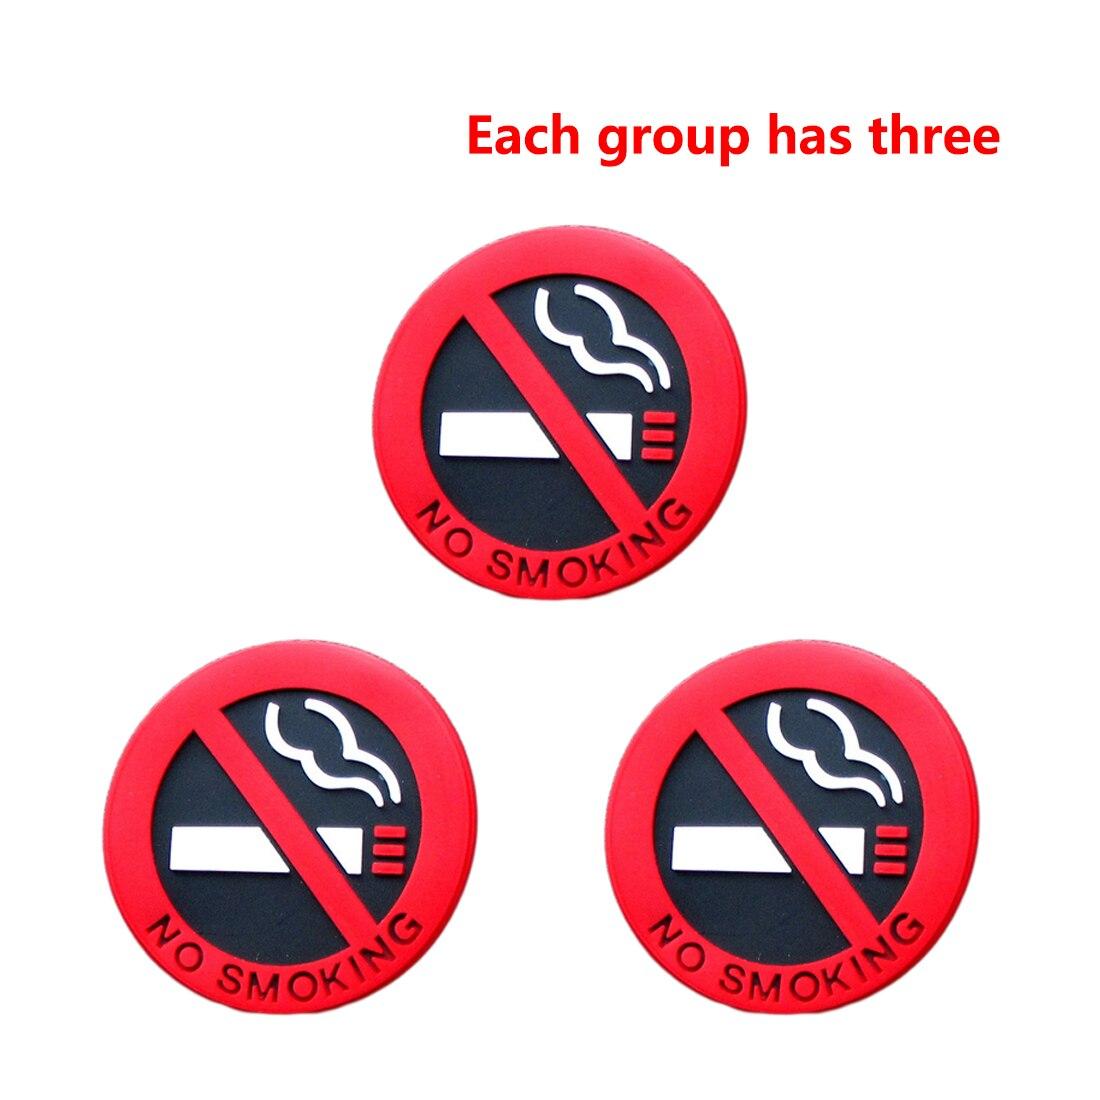 Dewtreetali 3 шт. Резина Нет Курение Вход советы Предупреждение логотип Наклейки автомобиля такси Дверь Наклейка знак клей Стикеры продвижение